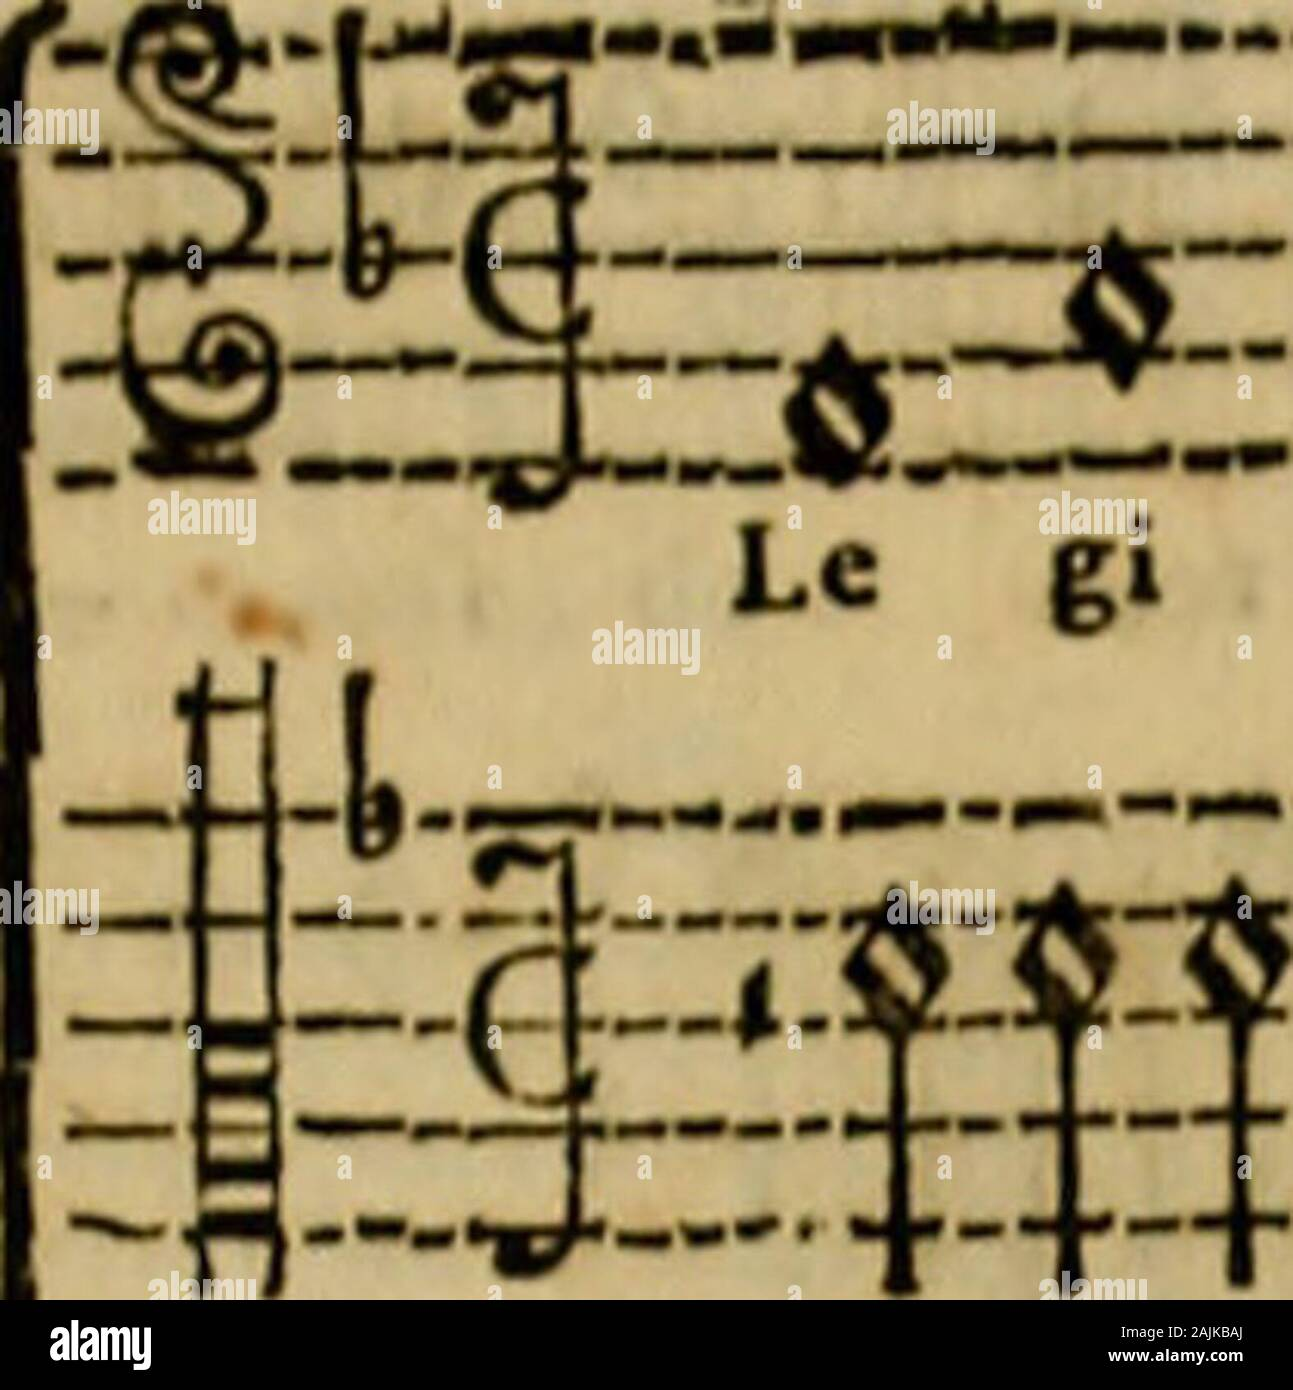 Esemplare, o sia, Saggio fondamentale contrappunto pratico di sopra il canto fermo . , Col di più, che qaaii tutte le Antifone s-ro Ottava eftendeffe todos , cofa rariifima nelle Antifone anteriori . E ciò che vero riflet fia-tafi no dell OfhVio folo al canto del Corpus Domini, ma di tanti altri an-cora introdotti dalla Chìefa, nei ftugolarmente debido primieri Ordini RegolariMendicanti di S. Domenico, e cìl S. Pianceico, e vedrartì fia quanto più vi-vace, ed il Tuono eltefo, affinchè fi renda pe-fetta, col feorrere i Gradi dellaSpecie Ottava de Dell, en cui egli viene comporto. E abbenchè en alcuni Foto de stock